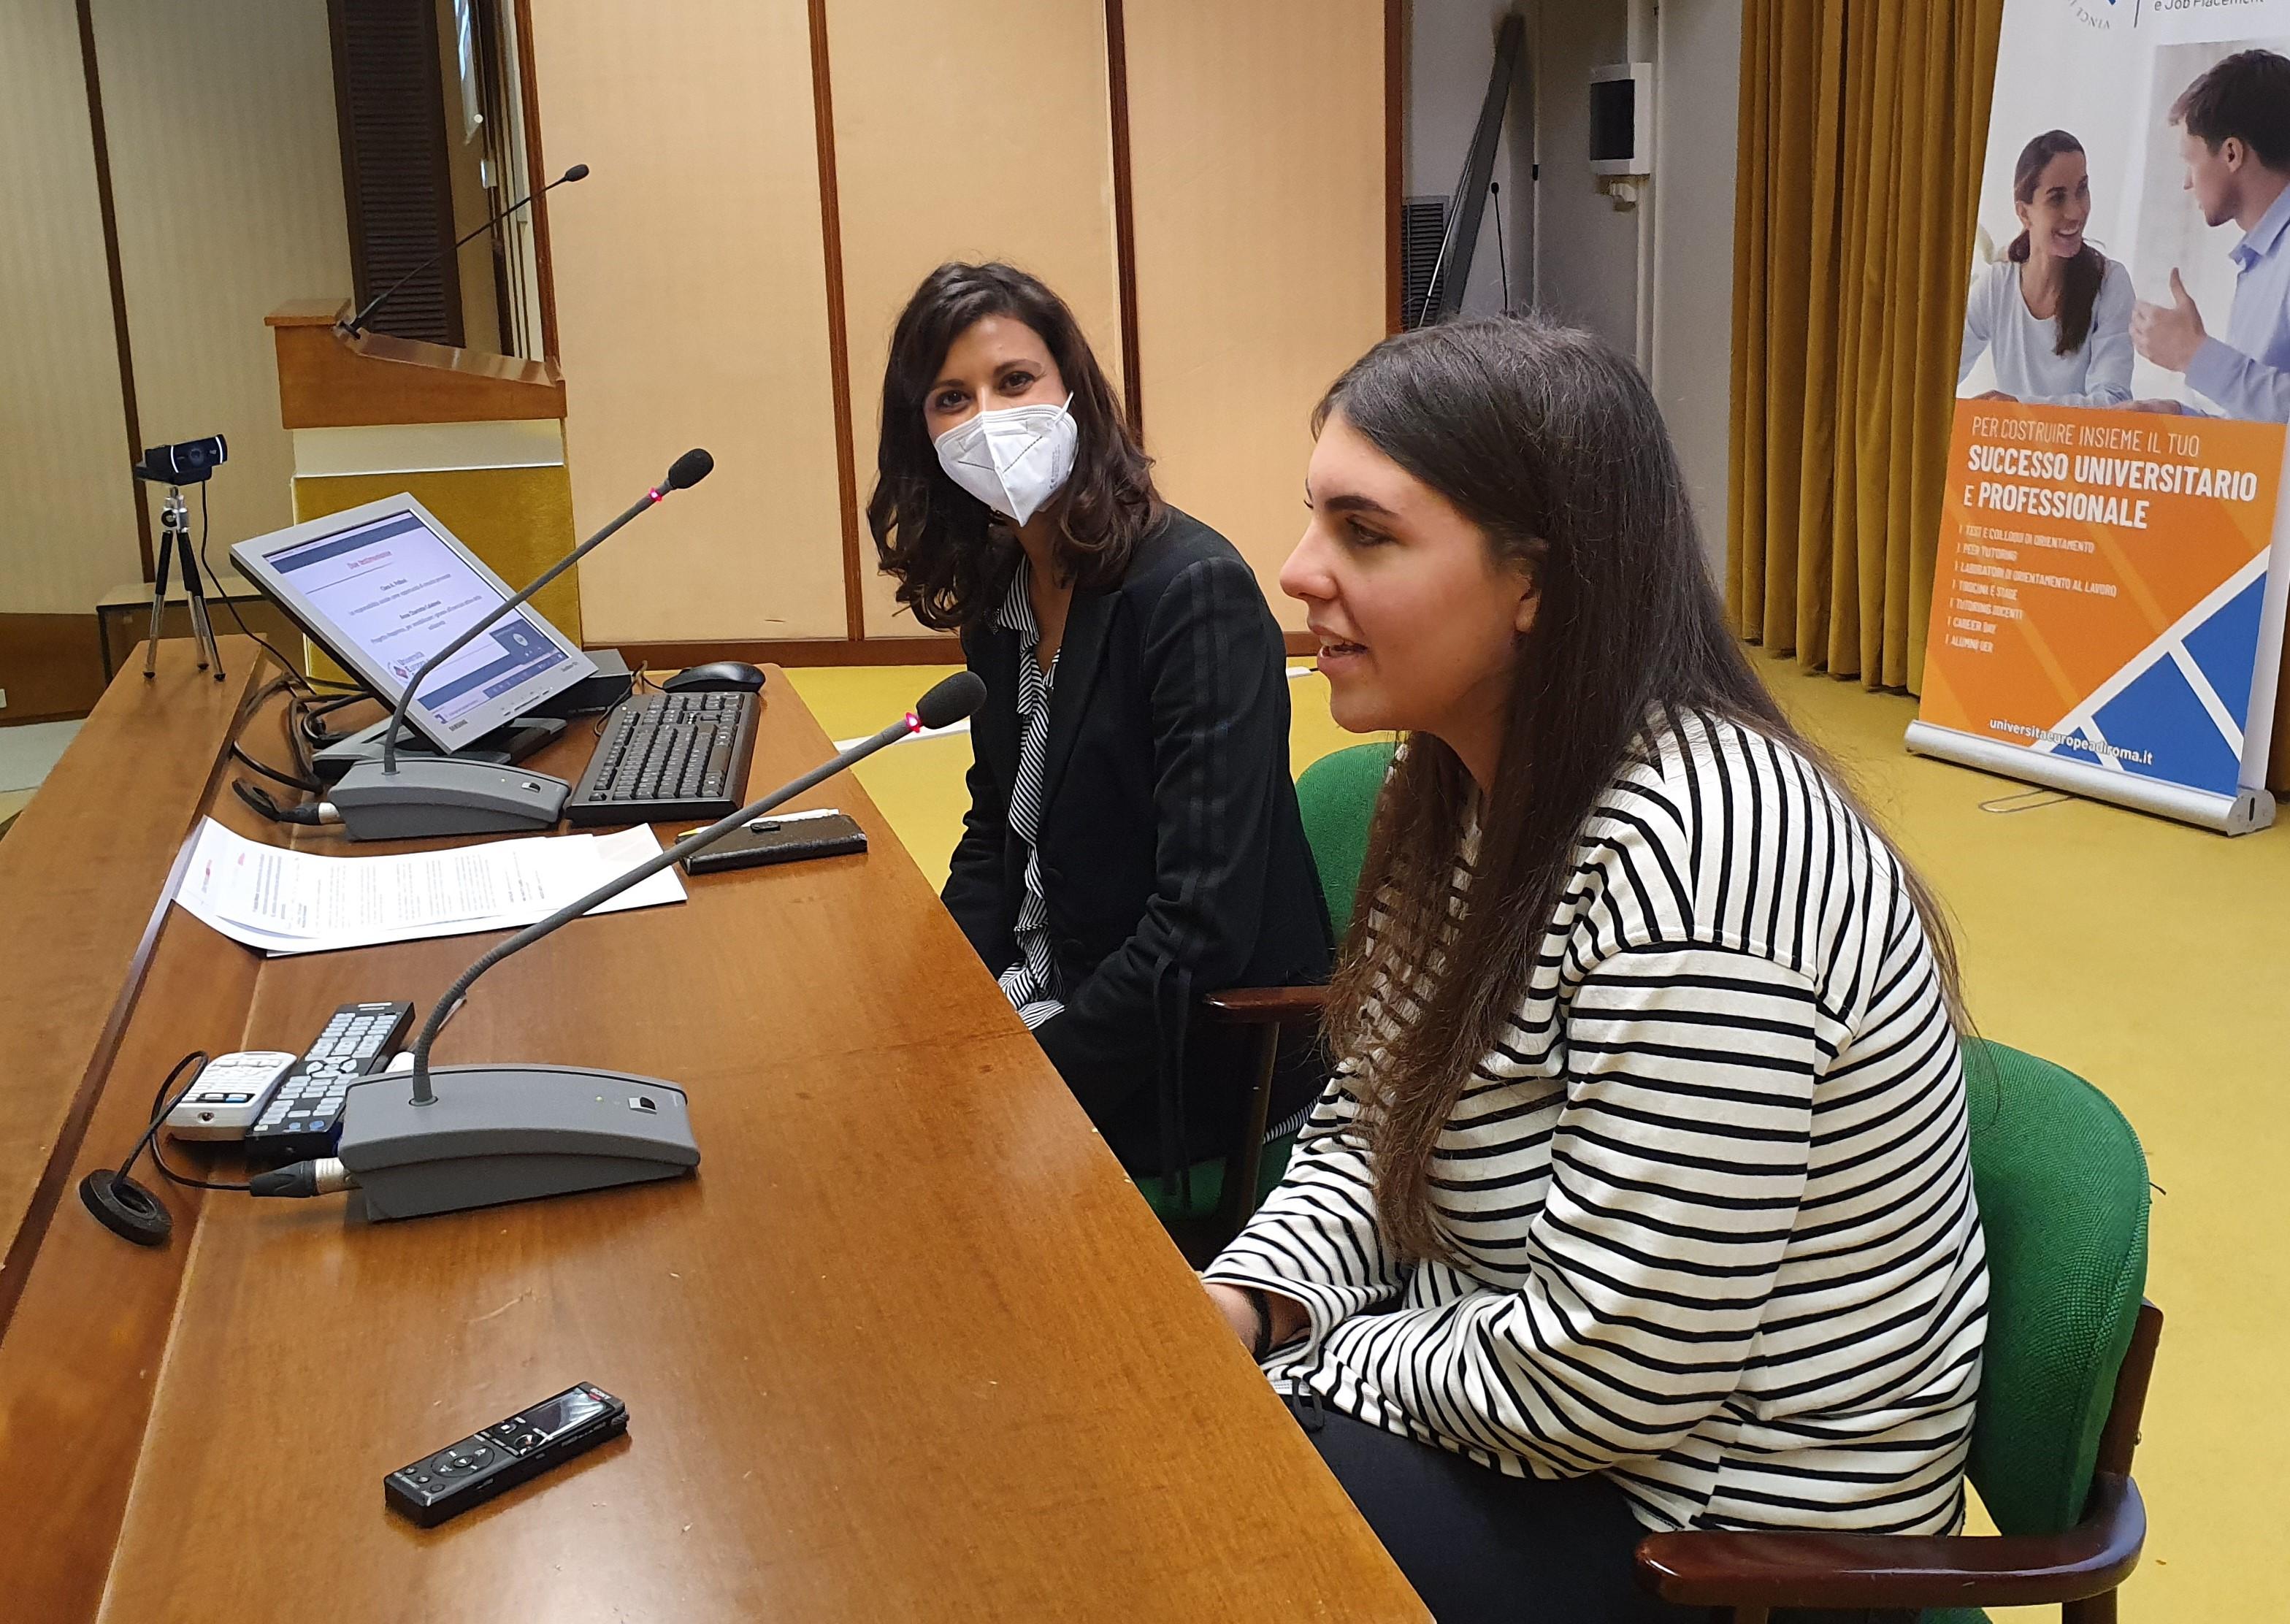 Solidarietà e creatività: i progetti degli studenti UER